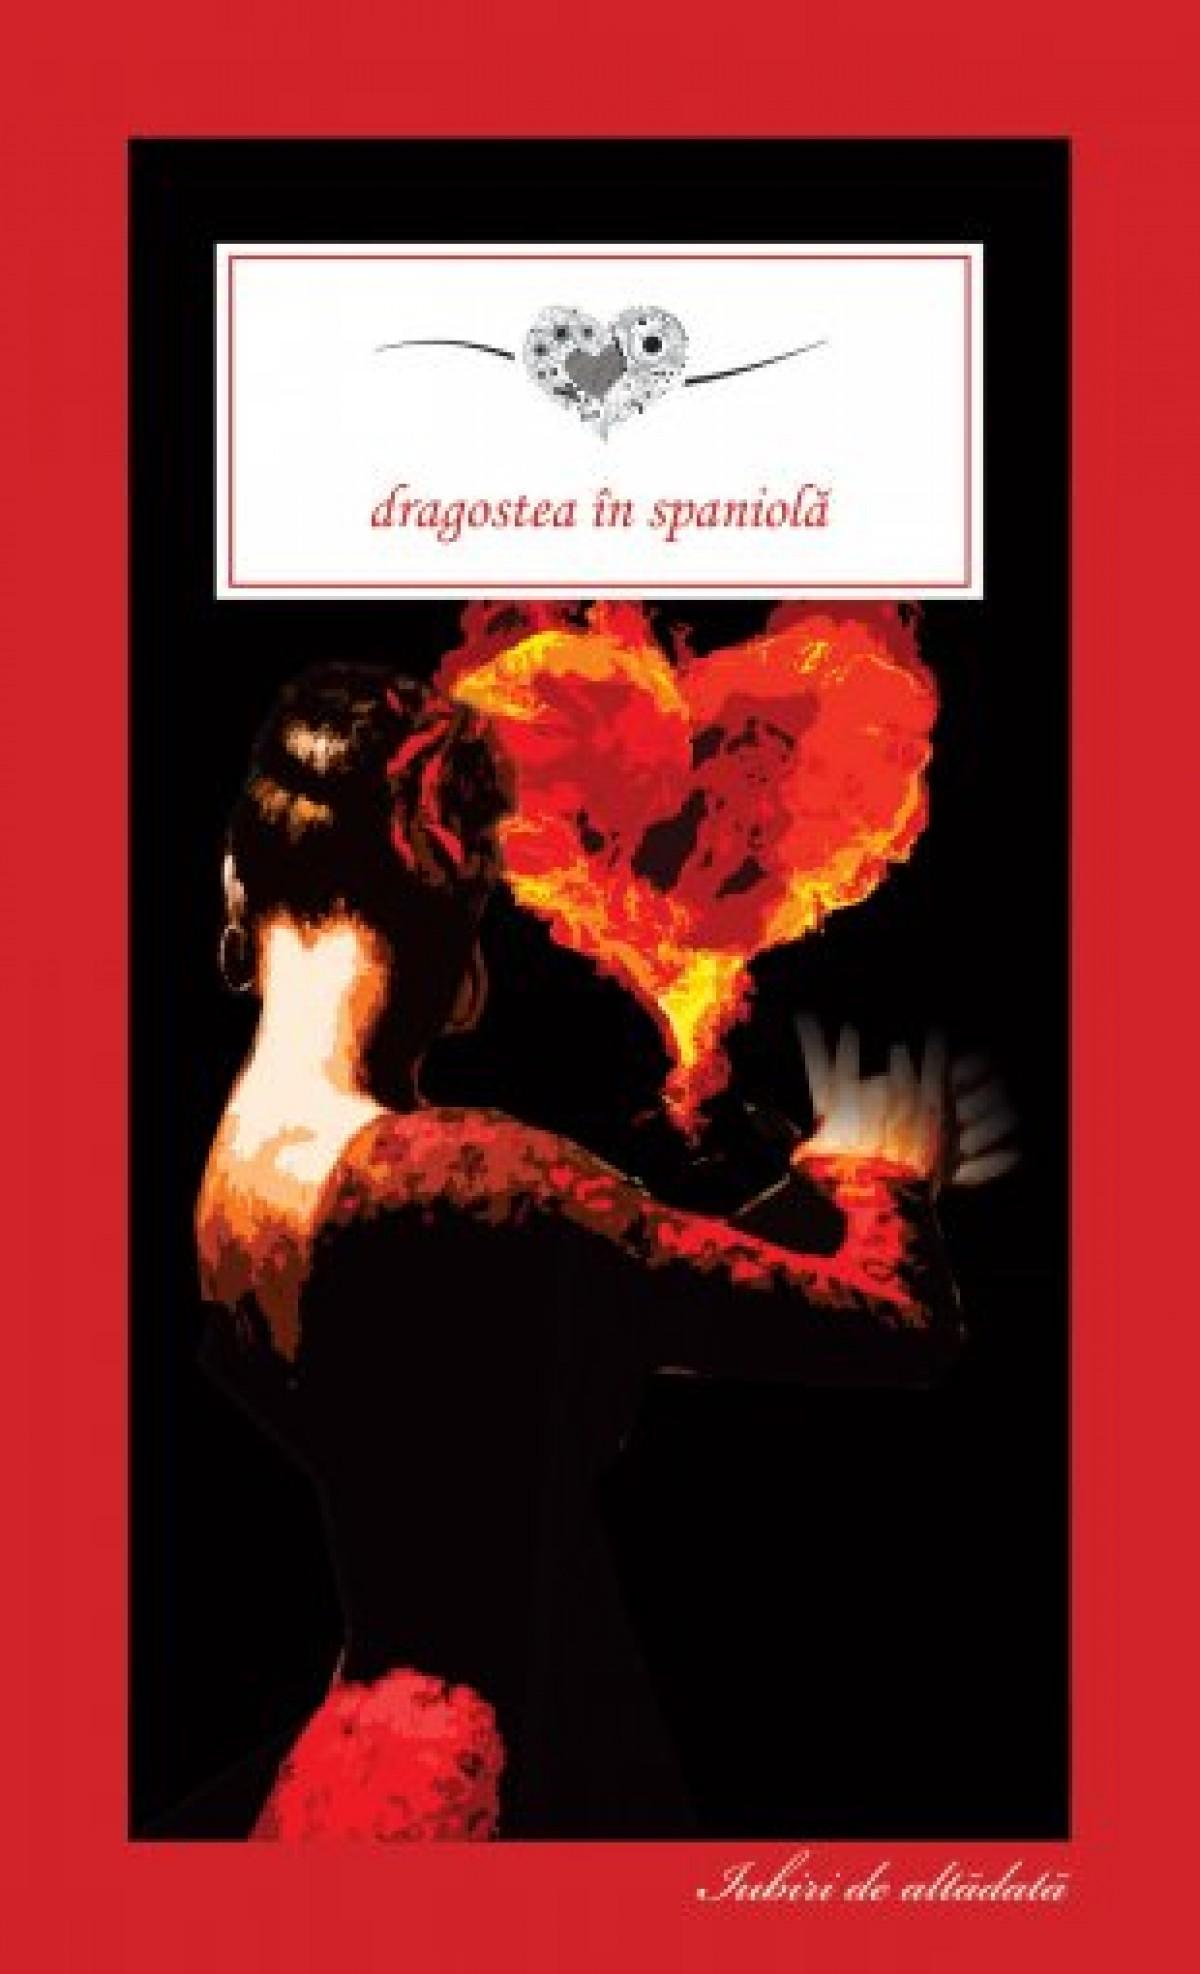 Dragostea în spaniolă